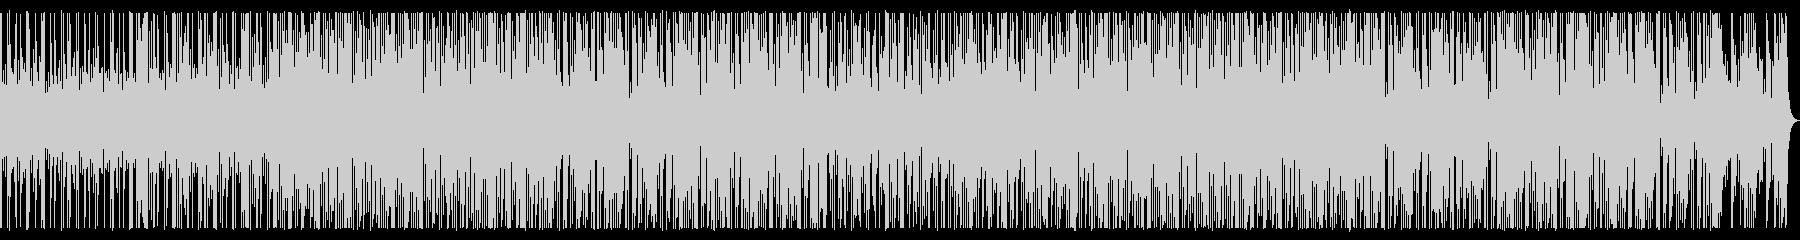 レトロ/アーバン/R&B_No463の未再生の波形